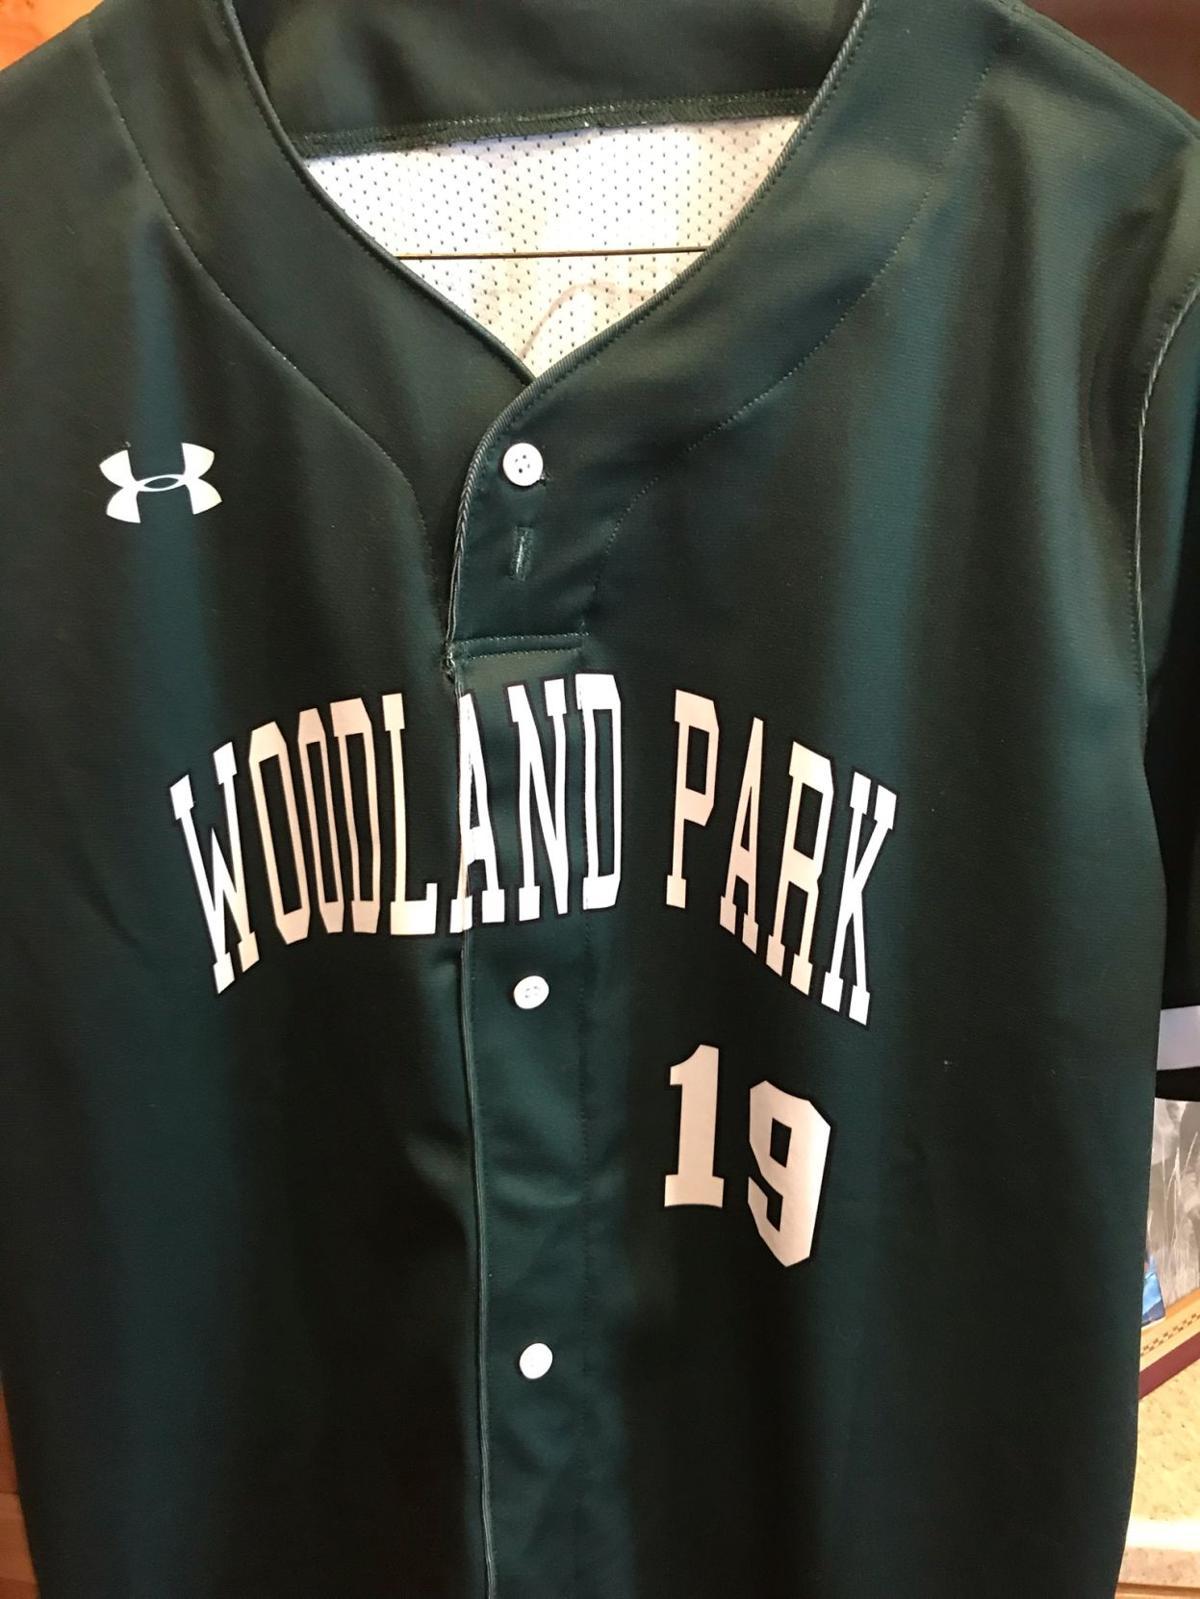 Ryan Spilborghs former Colorado Rockies outfielder Woodland Park